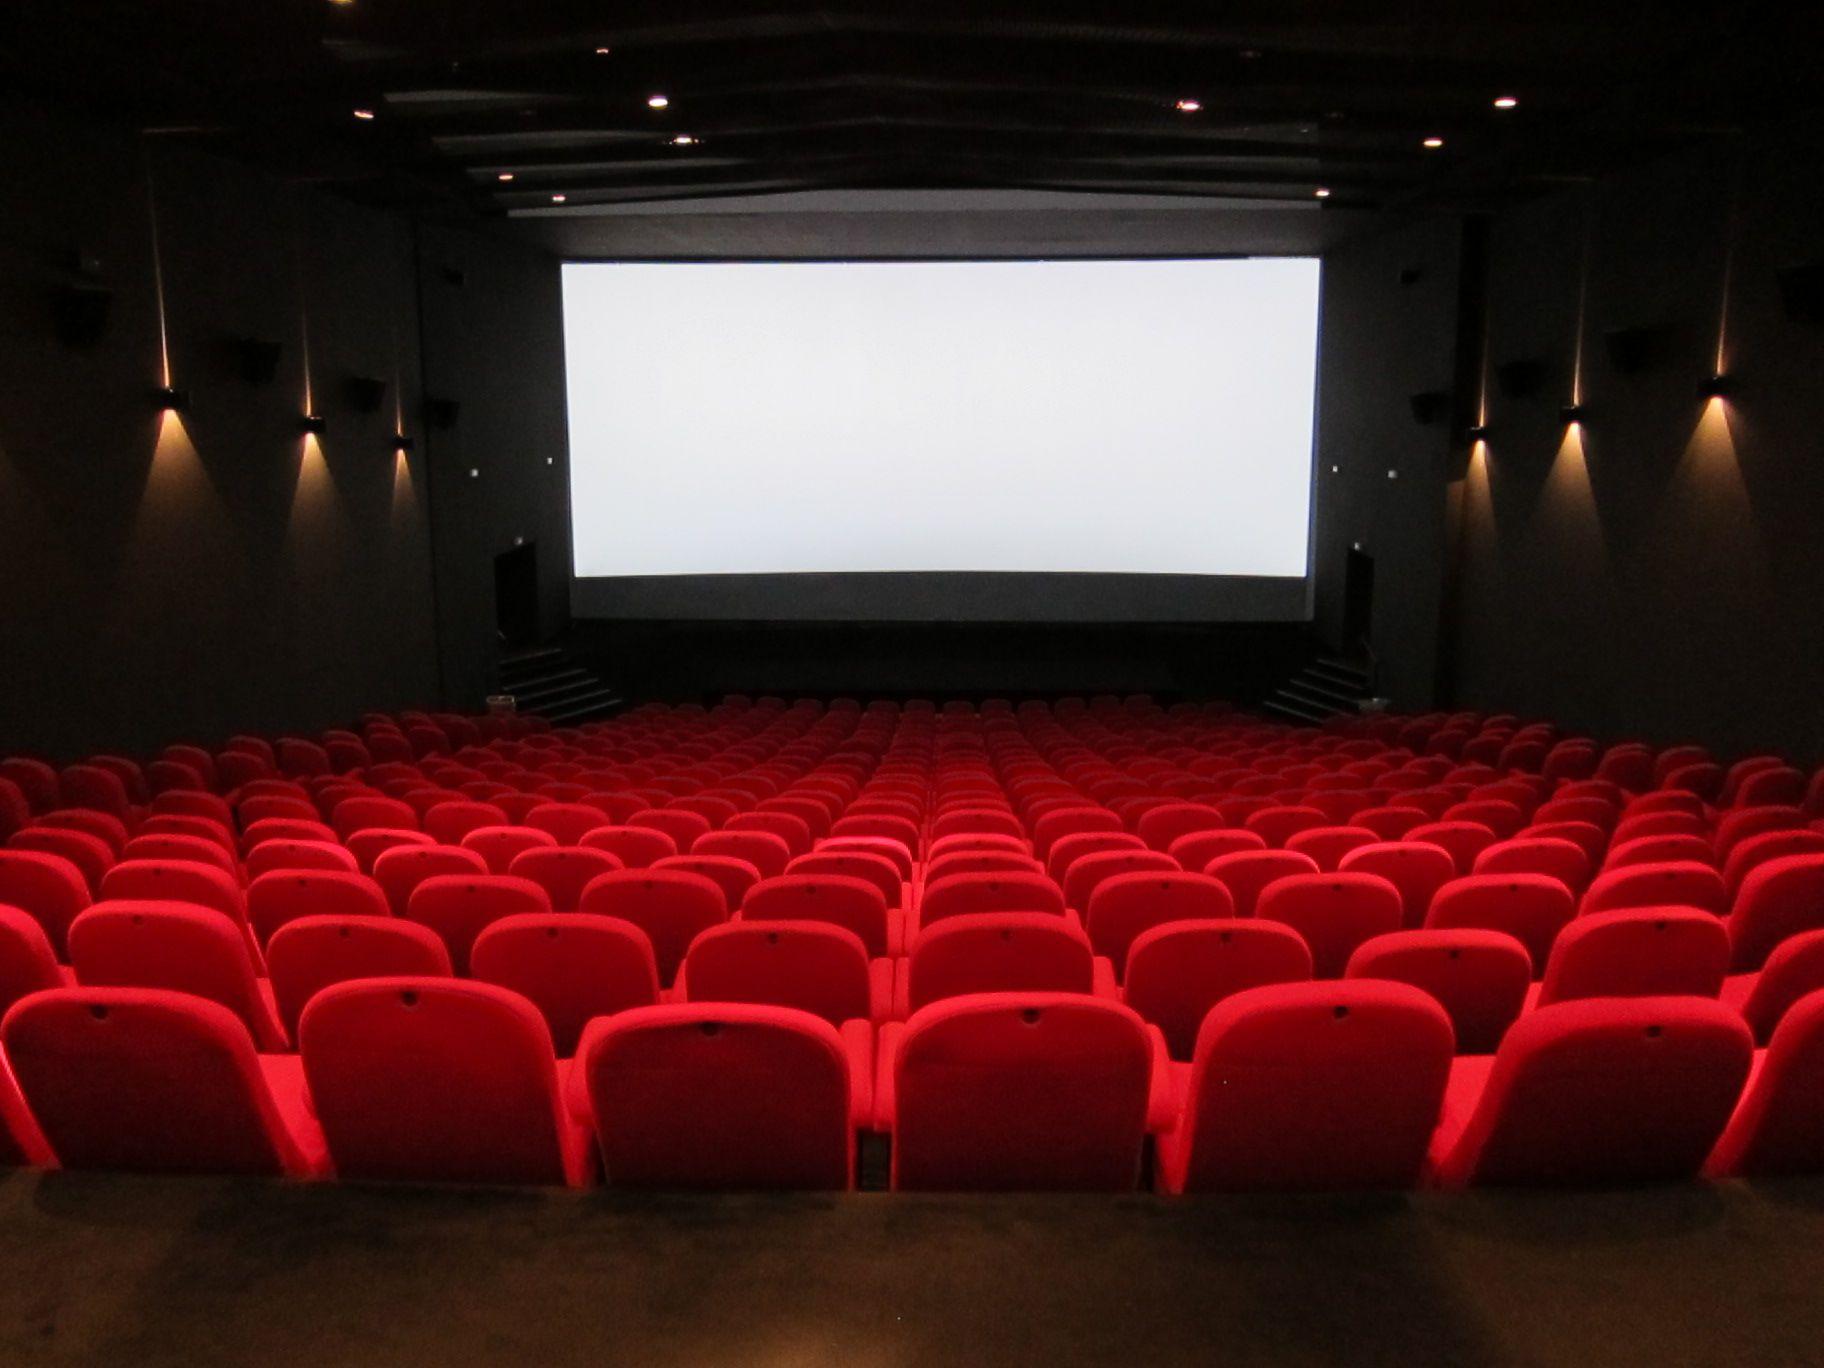 But de l'opération : encourager les jeunes à venir au cinéma et construire le public de demain.